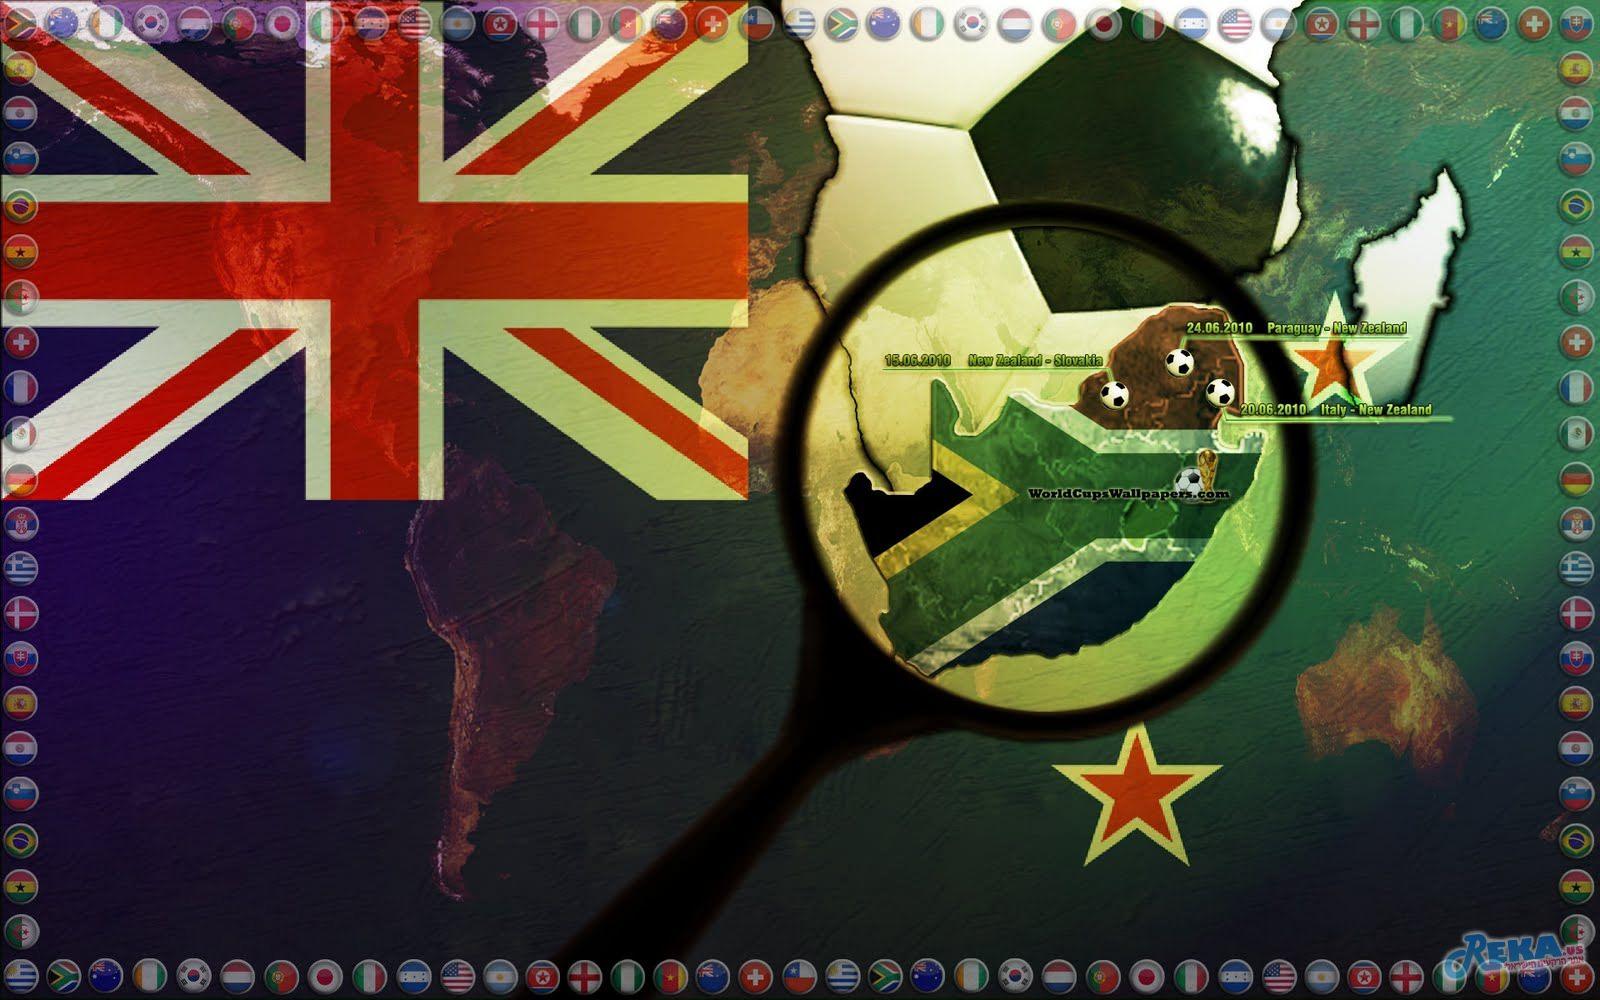 New-Zealand-World-Cup-2010-Widescreen-Wallpaper